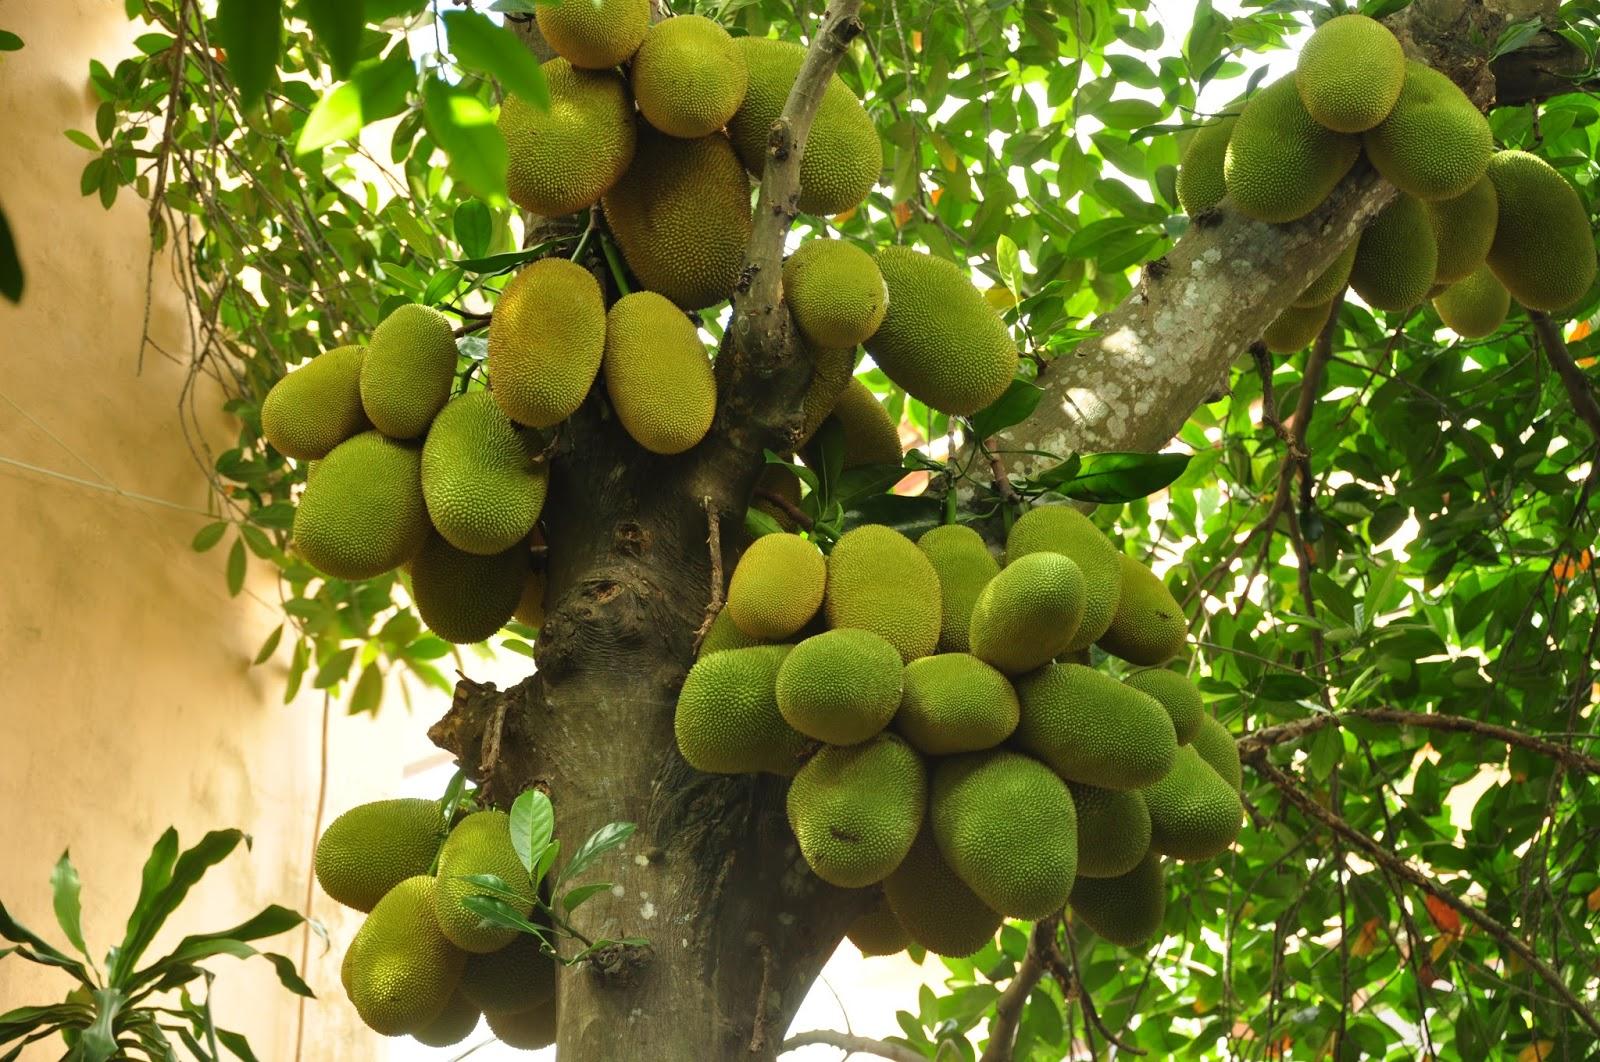 Kỹ thuật trồng cây Mít tứ quý mang lại kinh tế cao cho gia đình. Ảnh minh họa